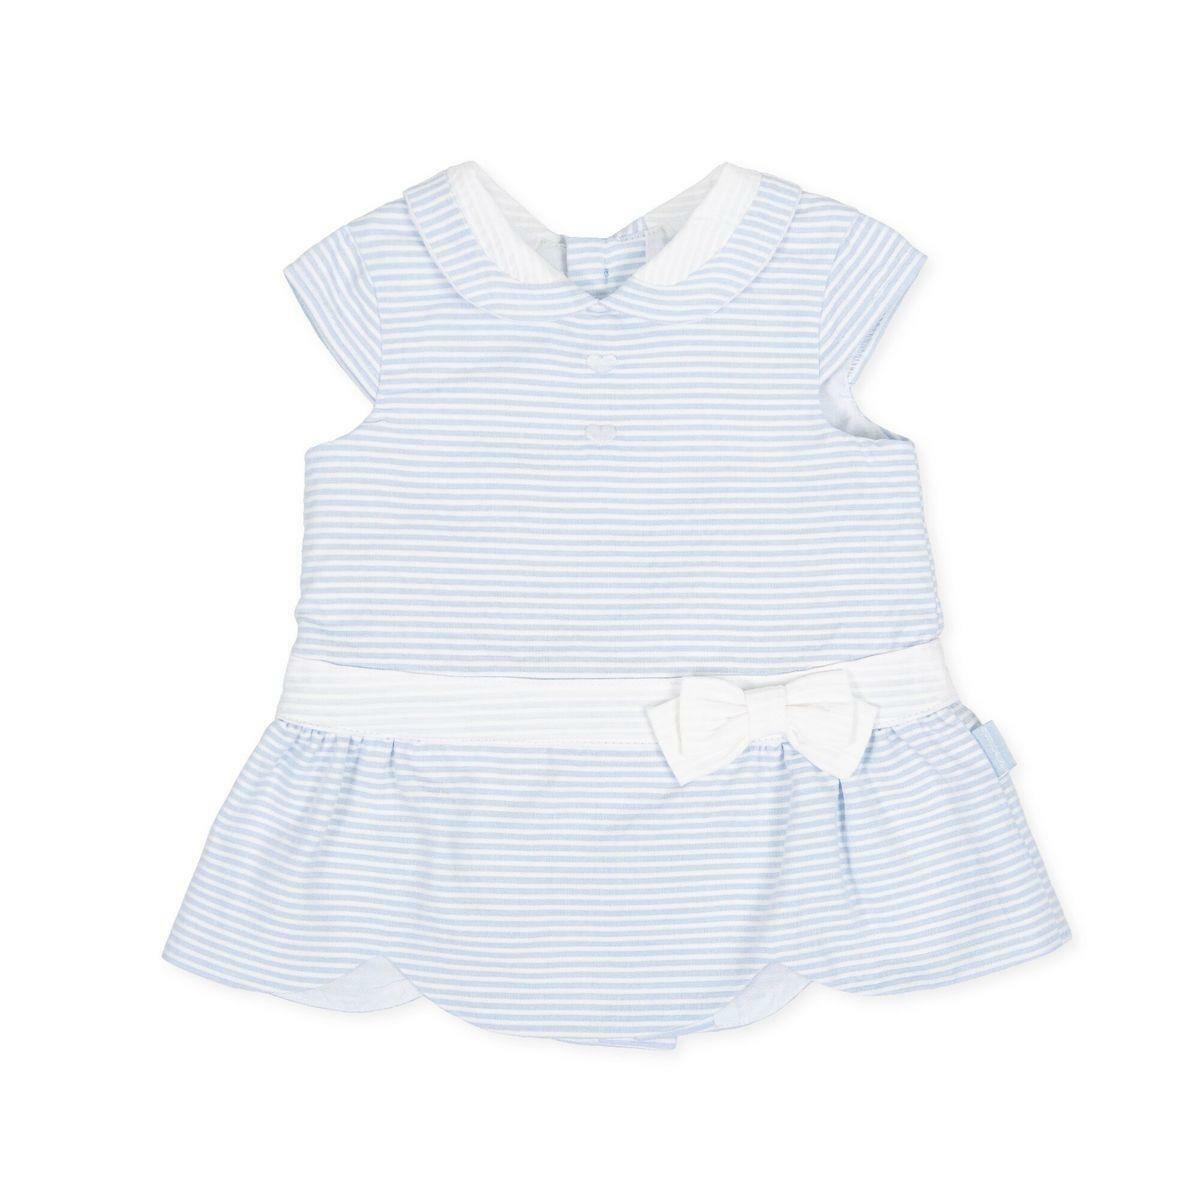 tutto piccolo tutto piccolo vestitino bambina azzurro  8212s201/b01